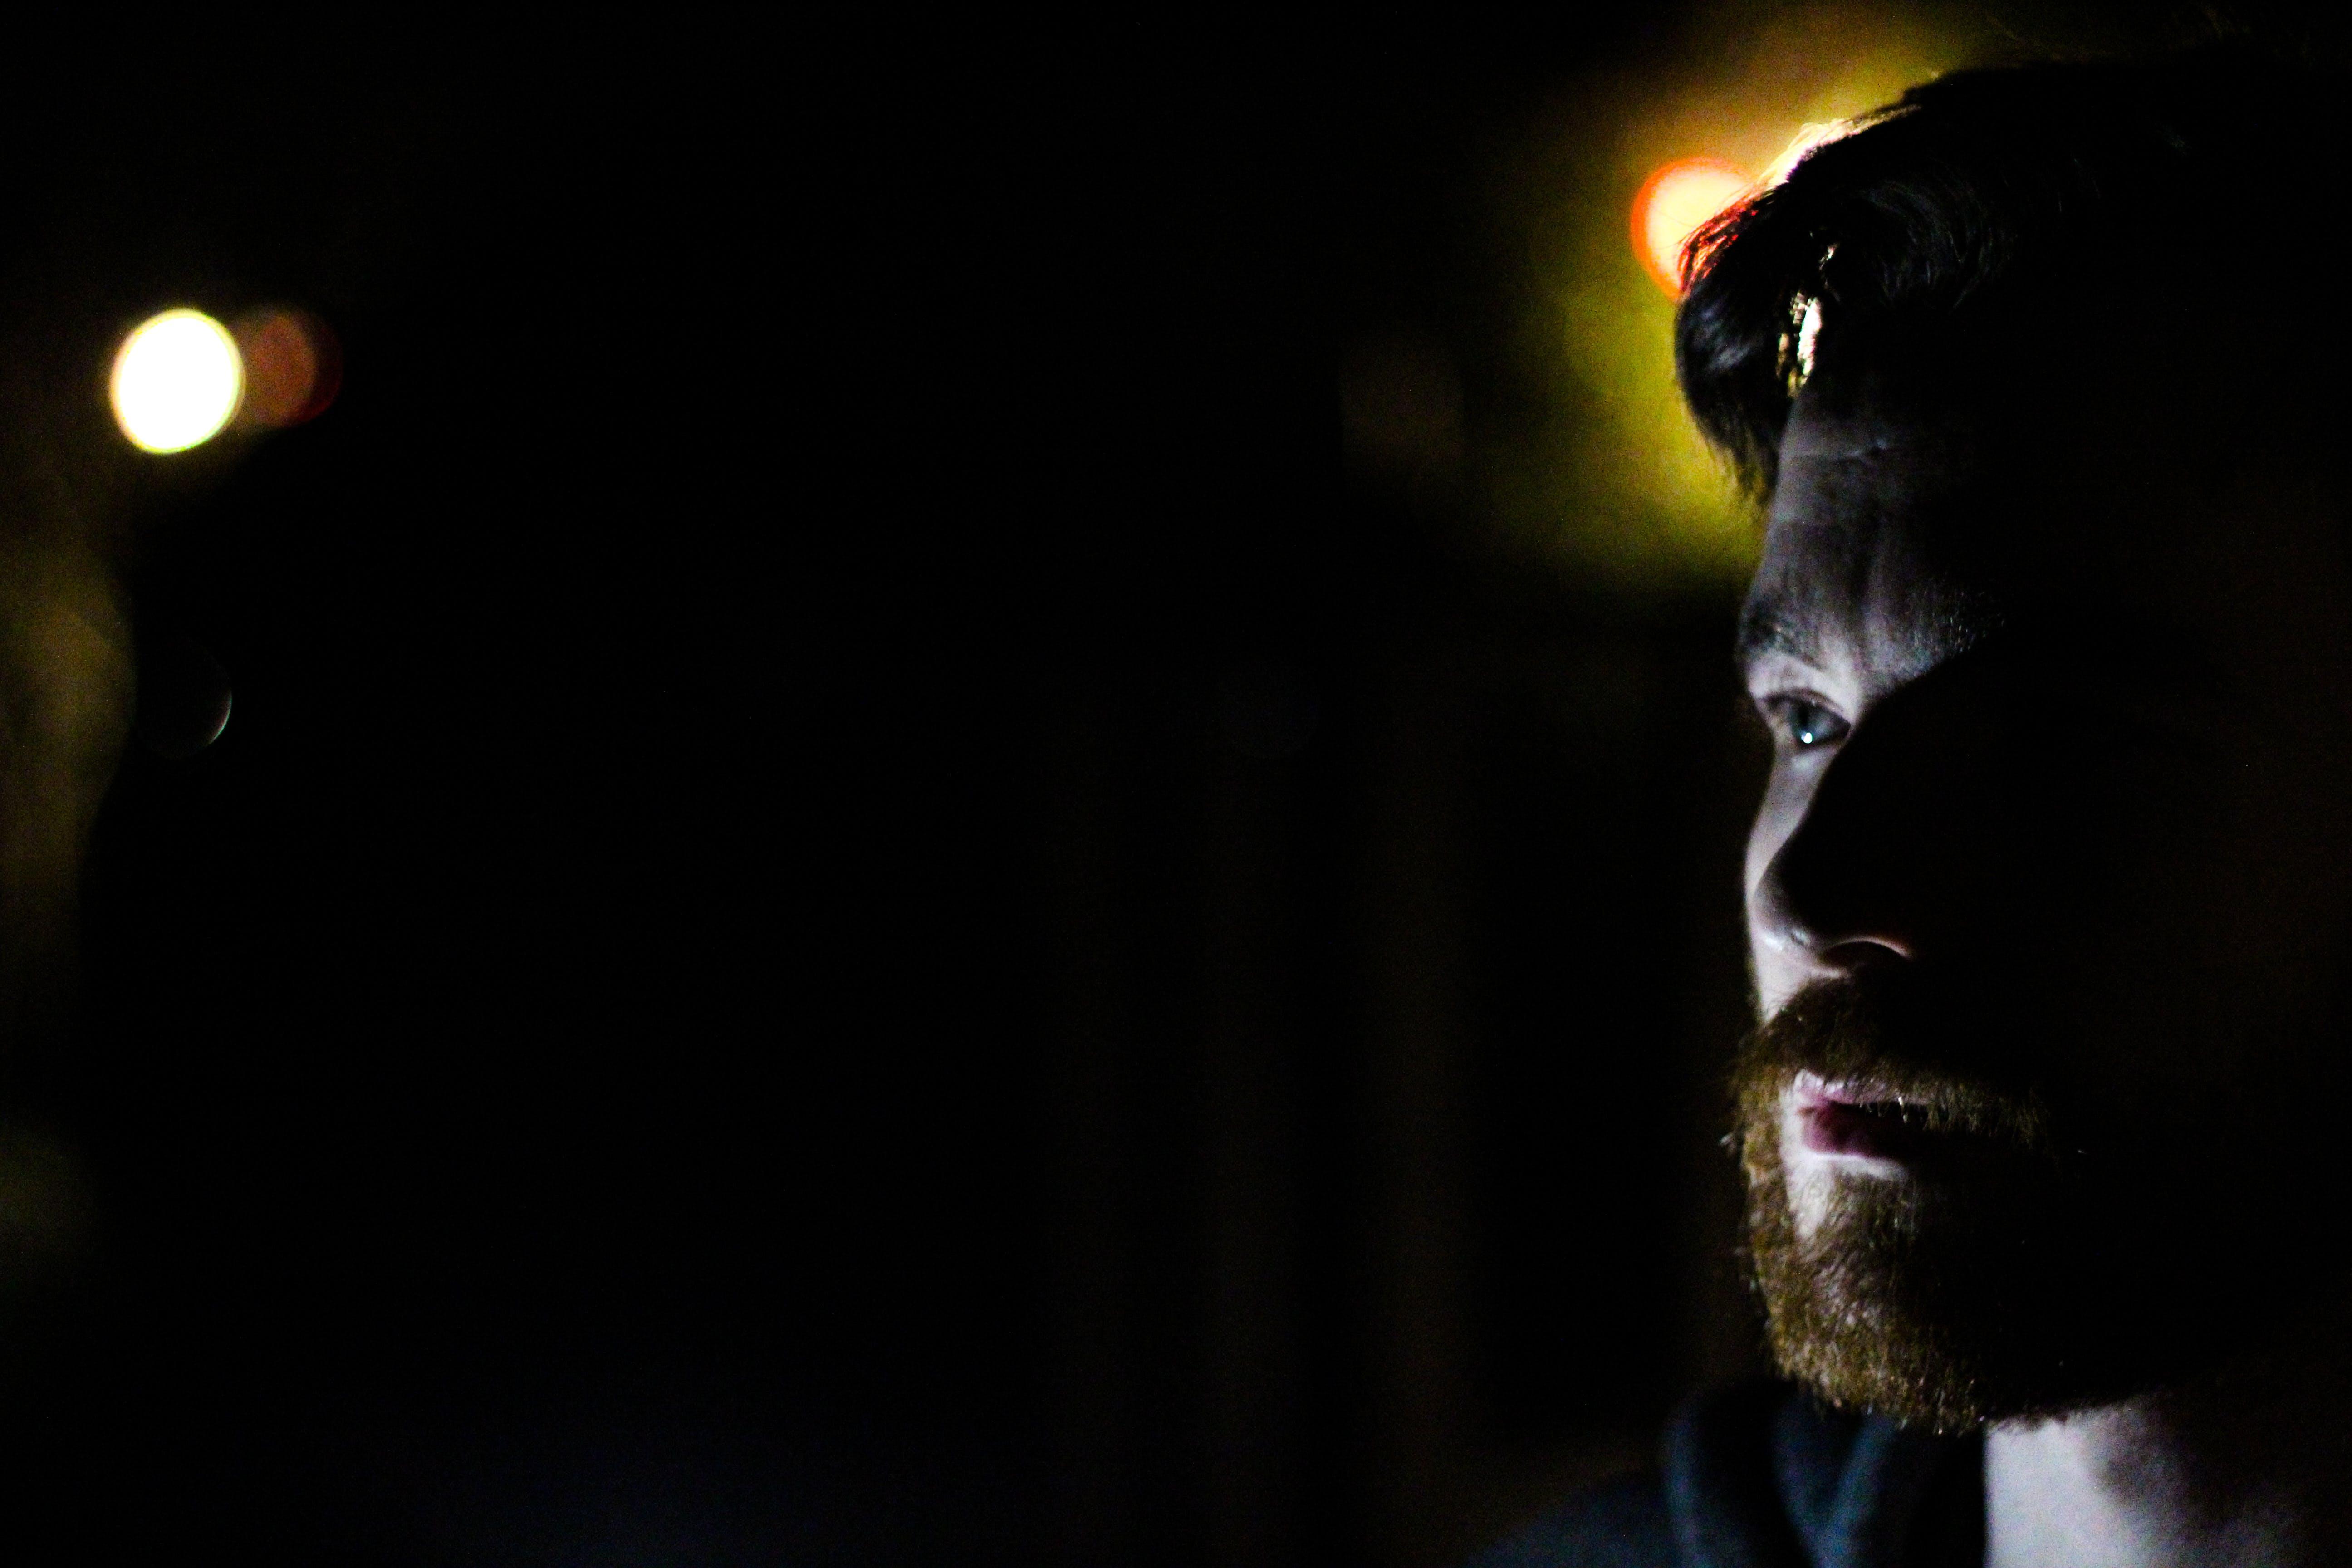 Man Against Light